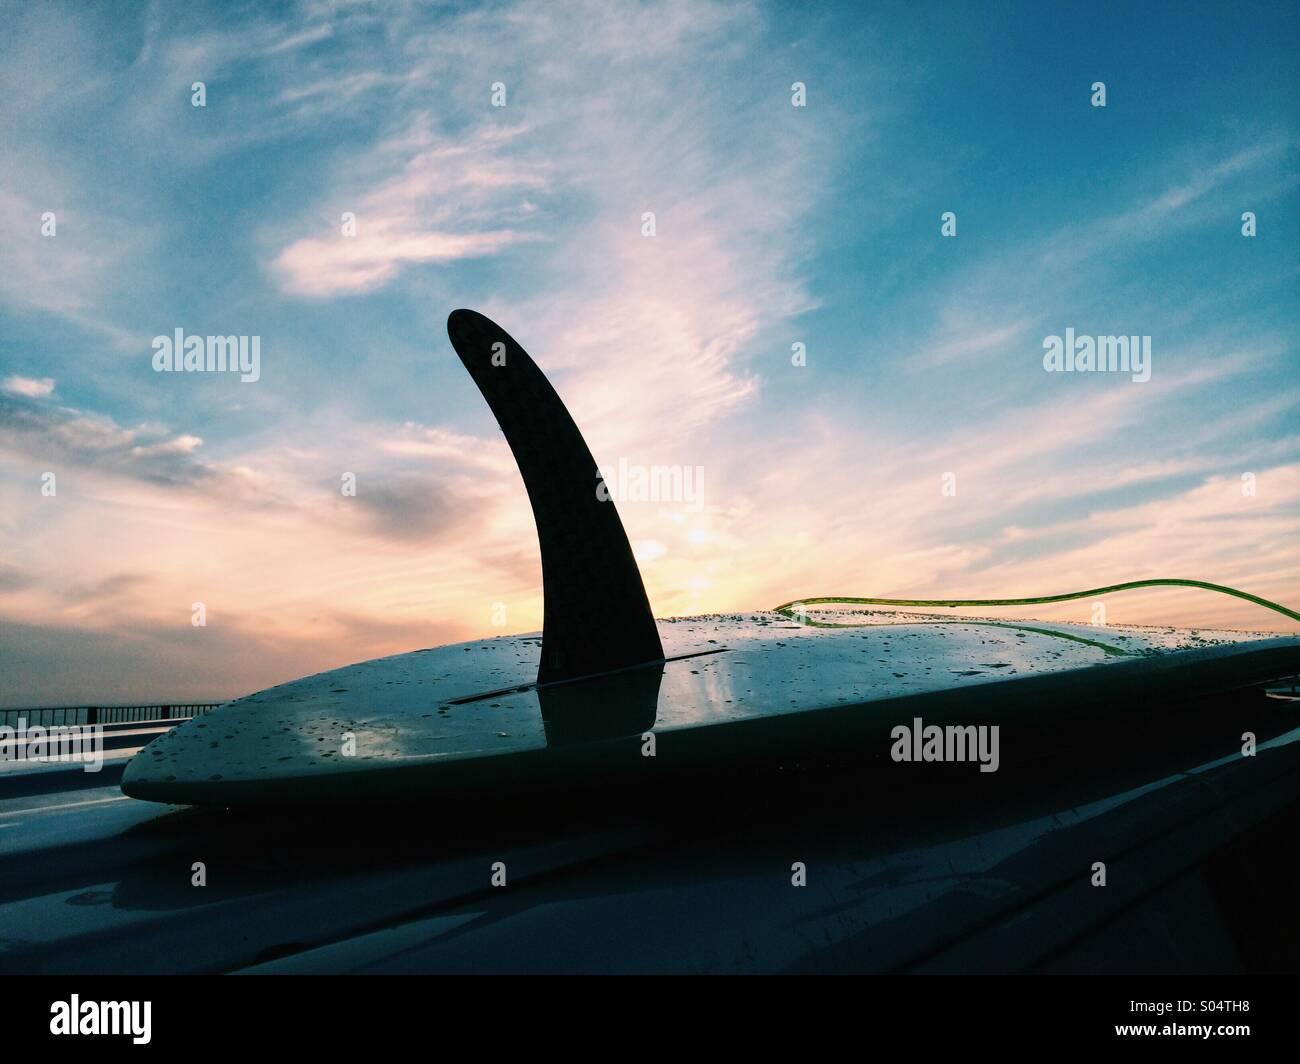 Las tablas de surf en un techo de furgón al atardecer Imagen De Stock